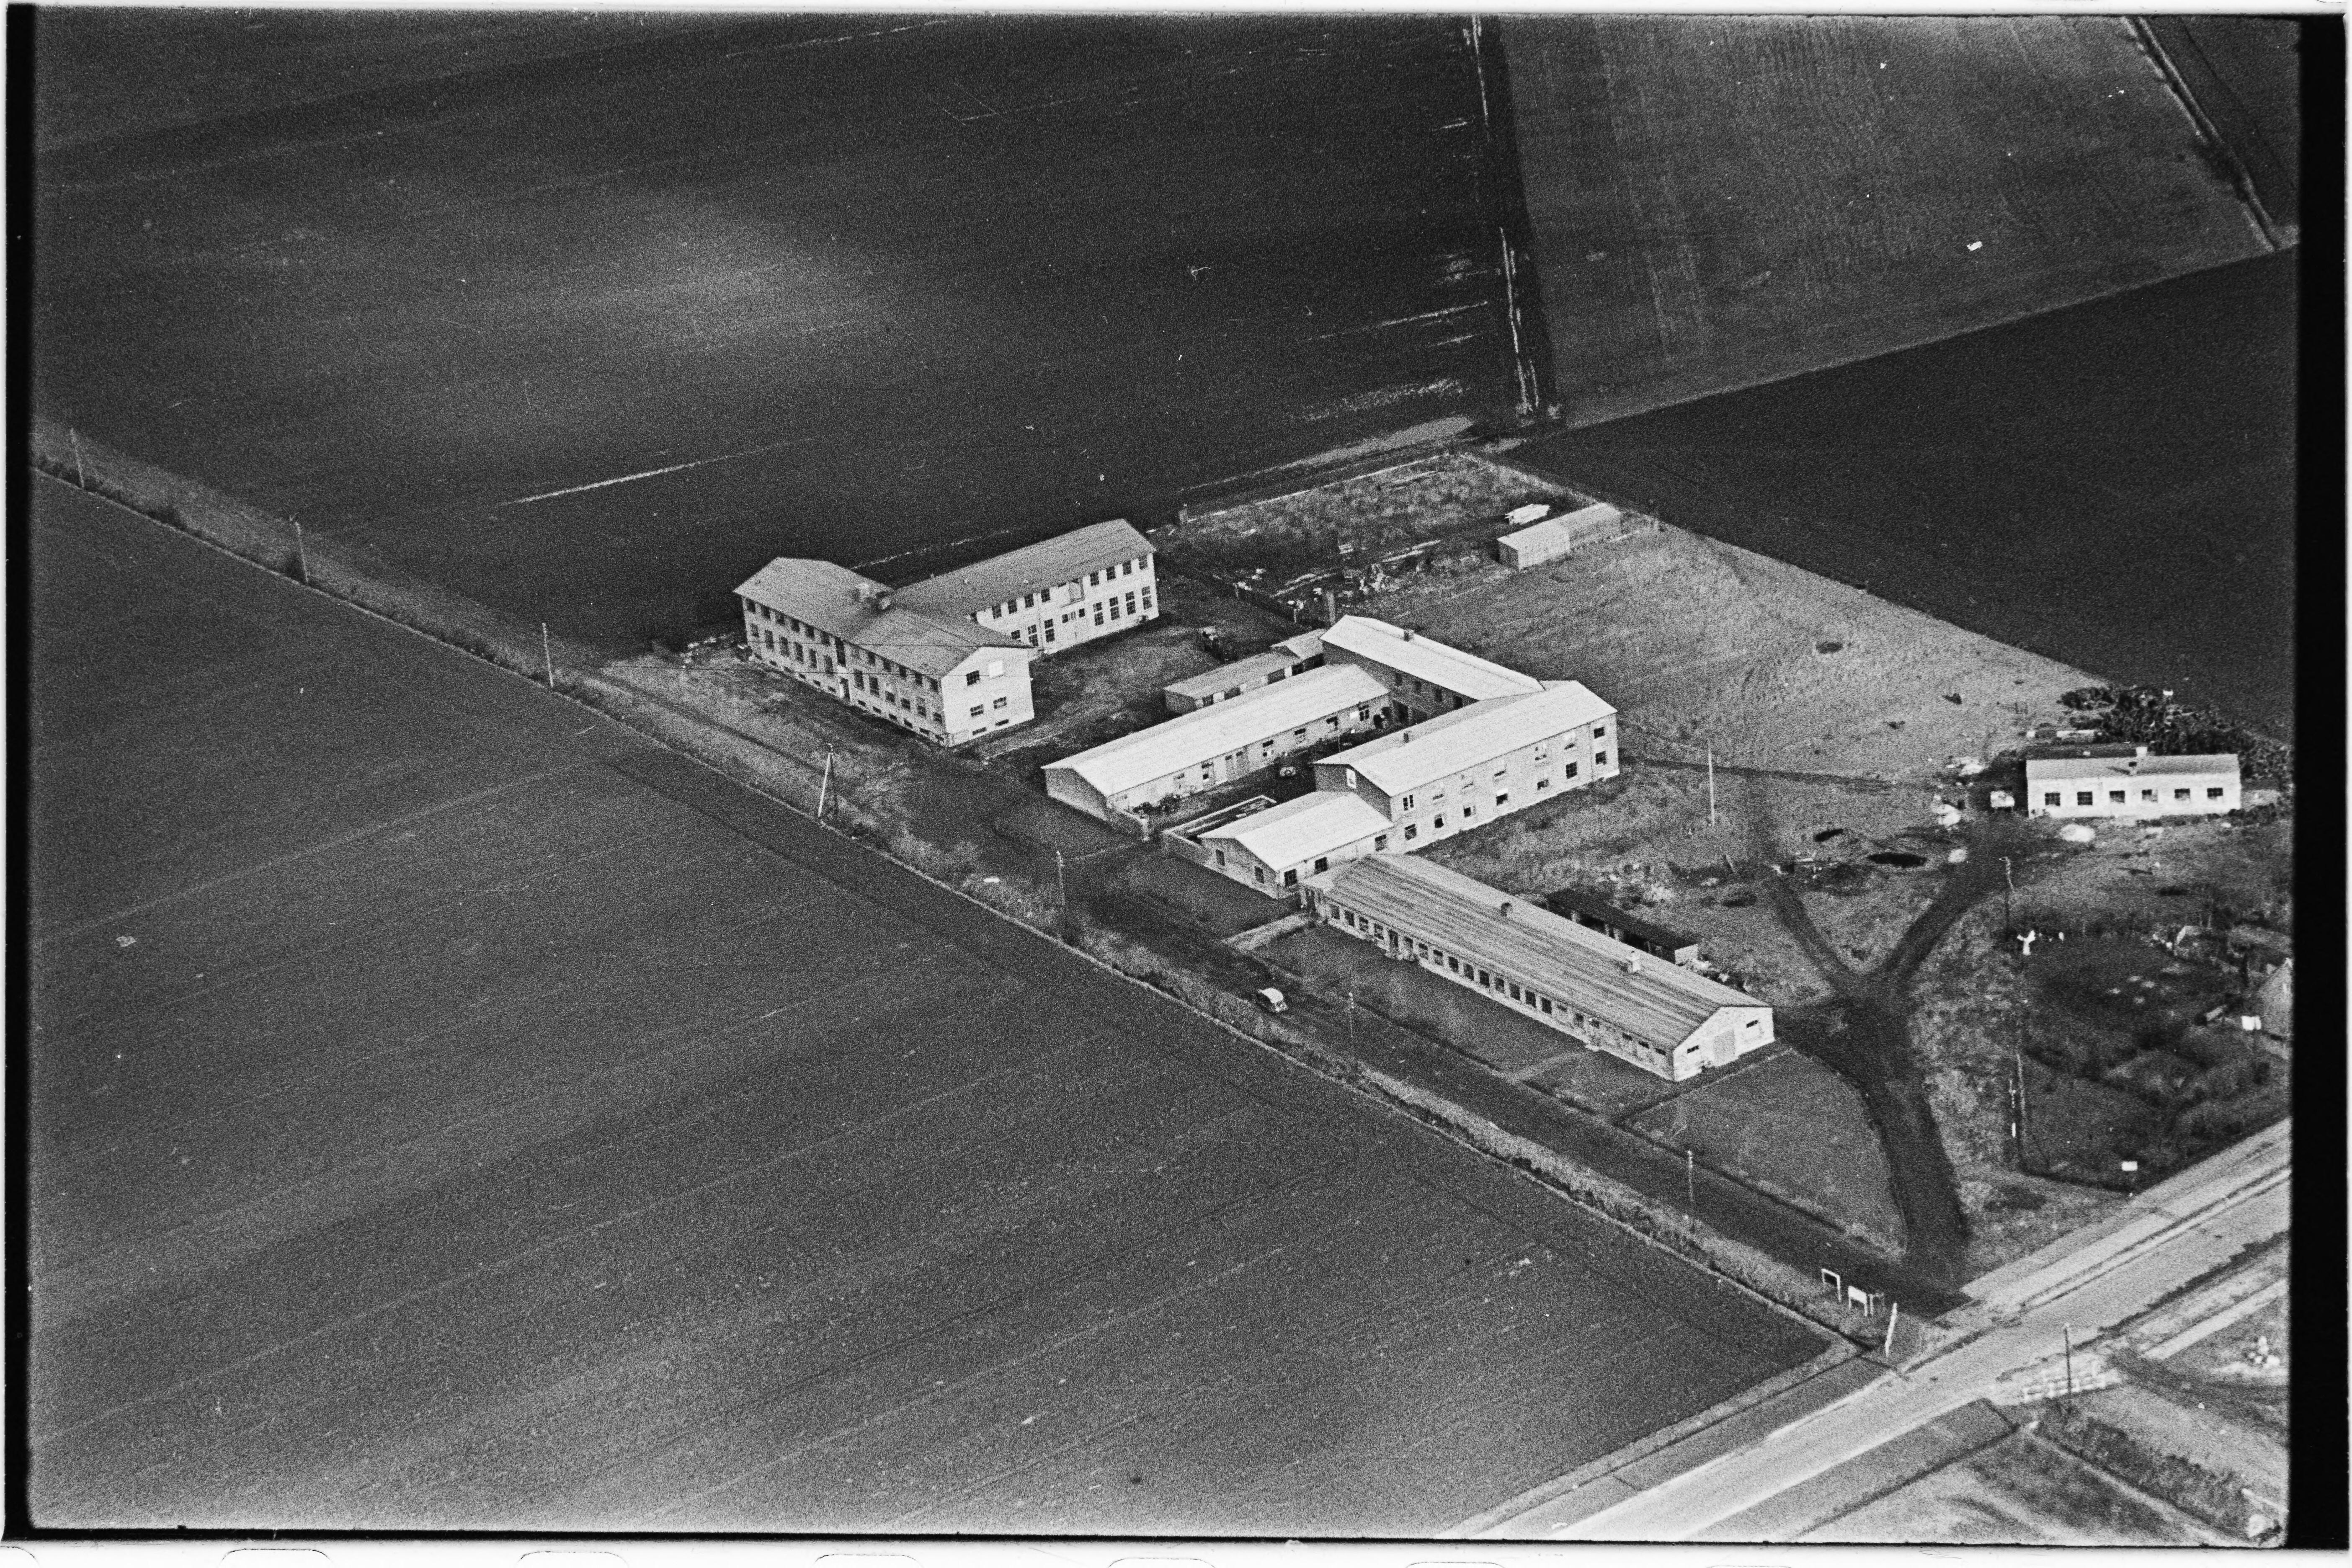 Skråfoto fra 1950-1954 taget 110 meter fra Arnold Nielsens Boulevard 169, 1. tv